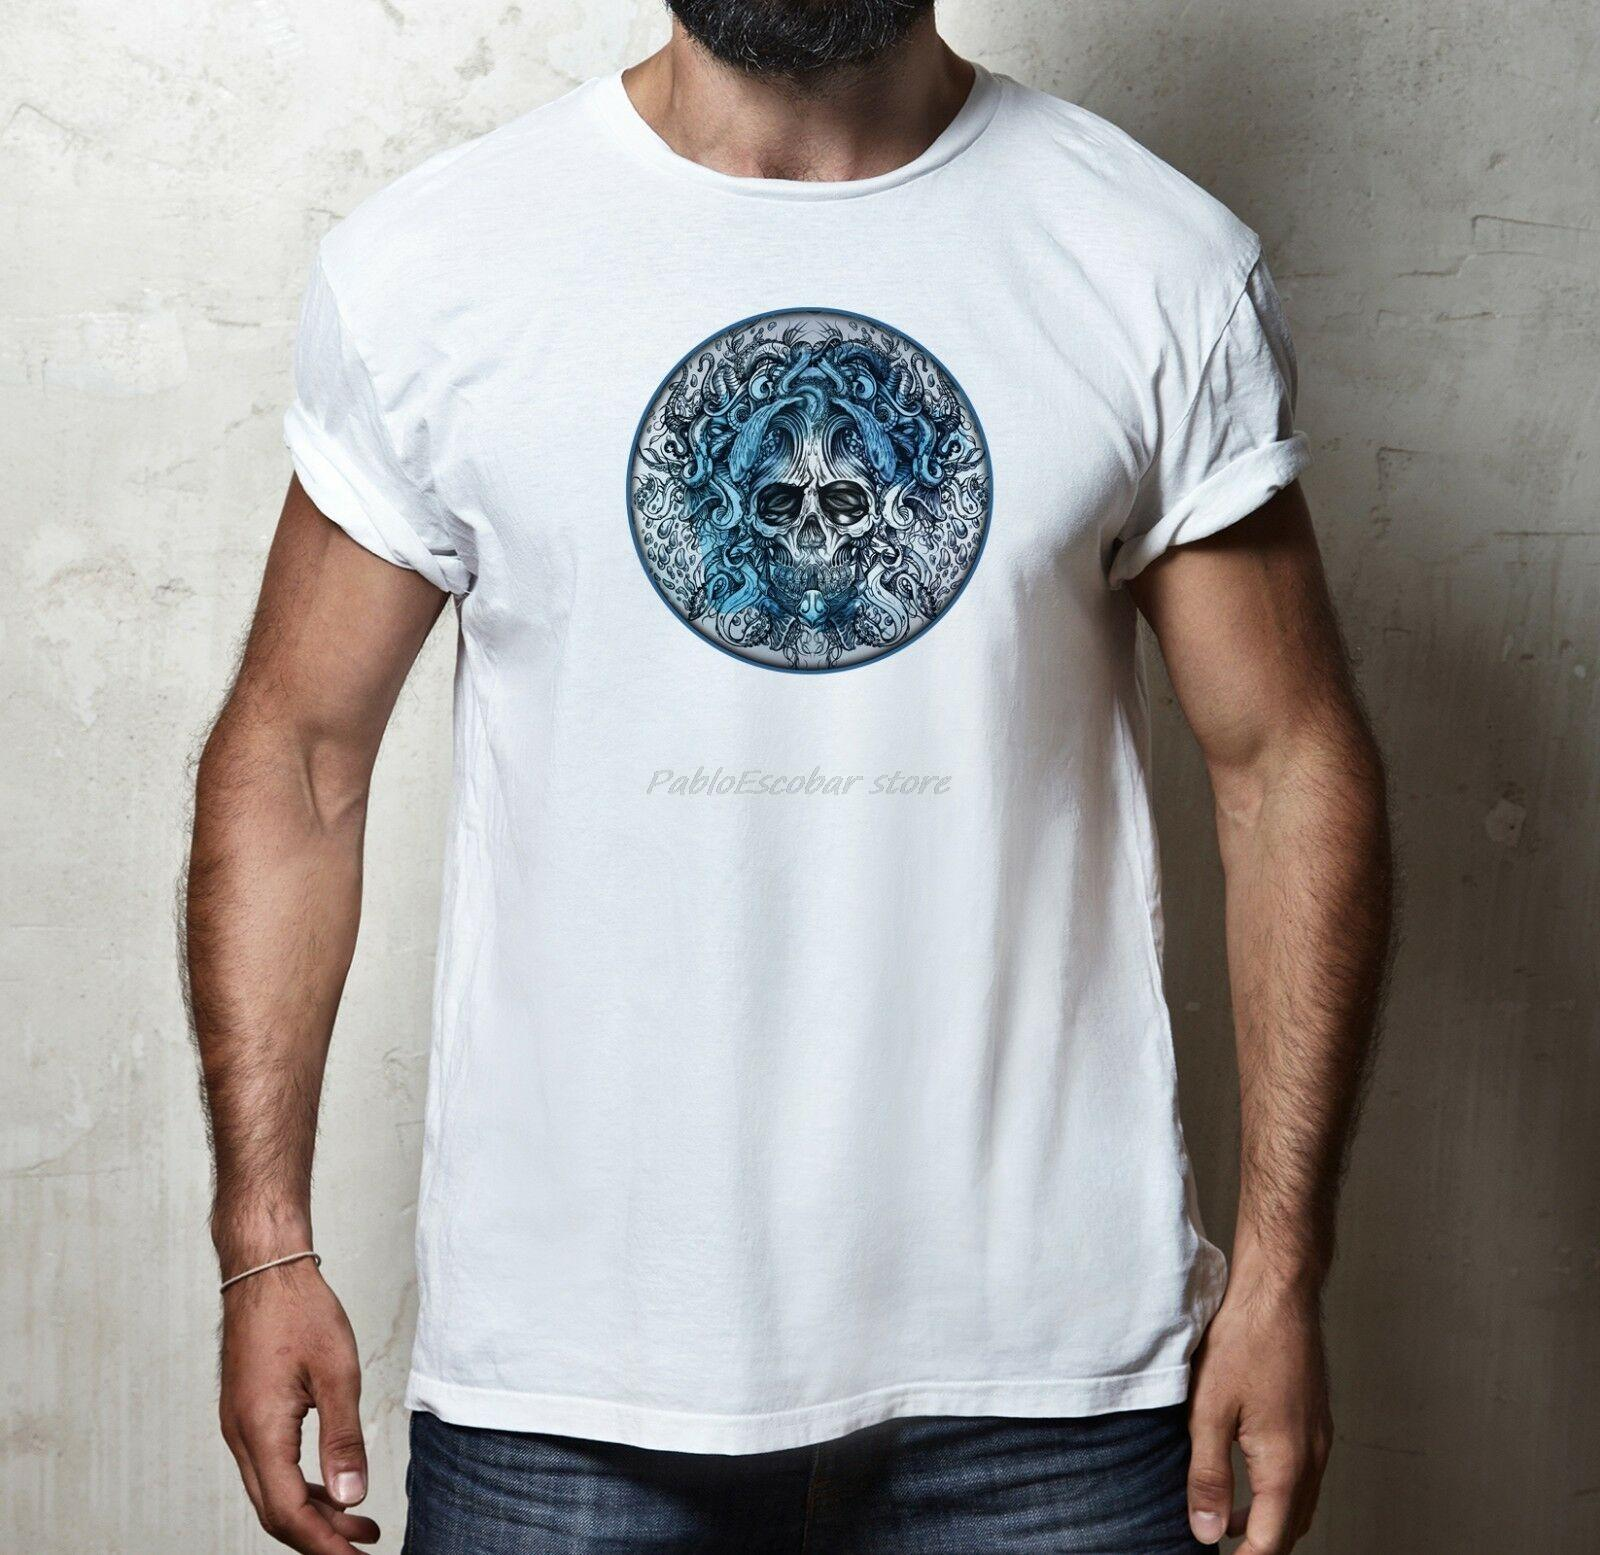 MENS FIT mar del pulpo MAR TENTACULO del tatuaje del cráneo ART ESTILO MODA camiseta de la camiseta de los hombres de euros del tamaño del verano